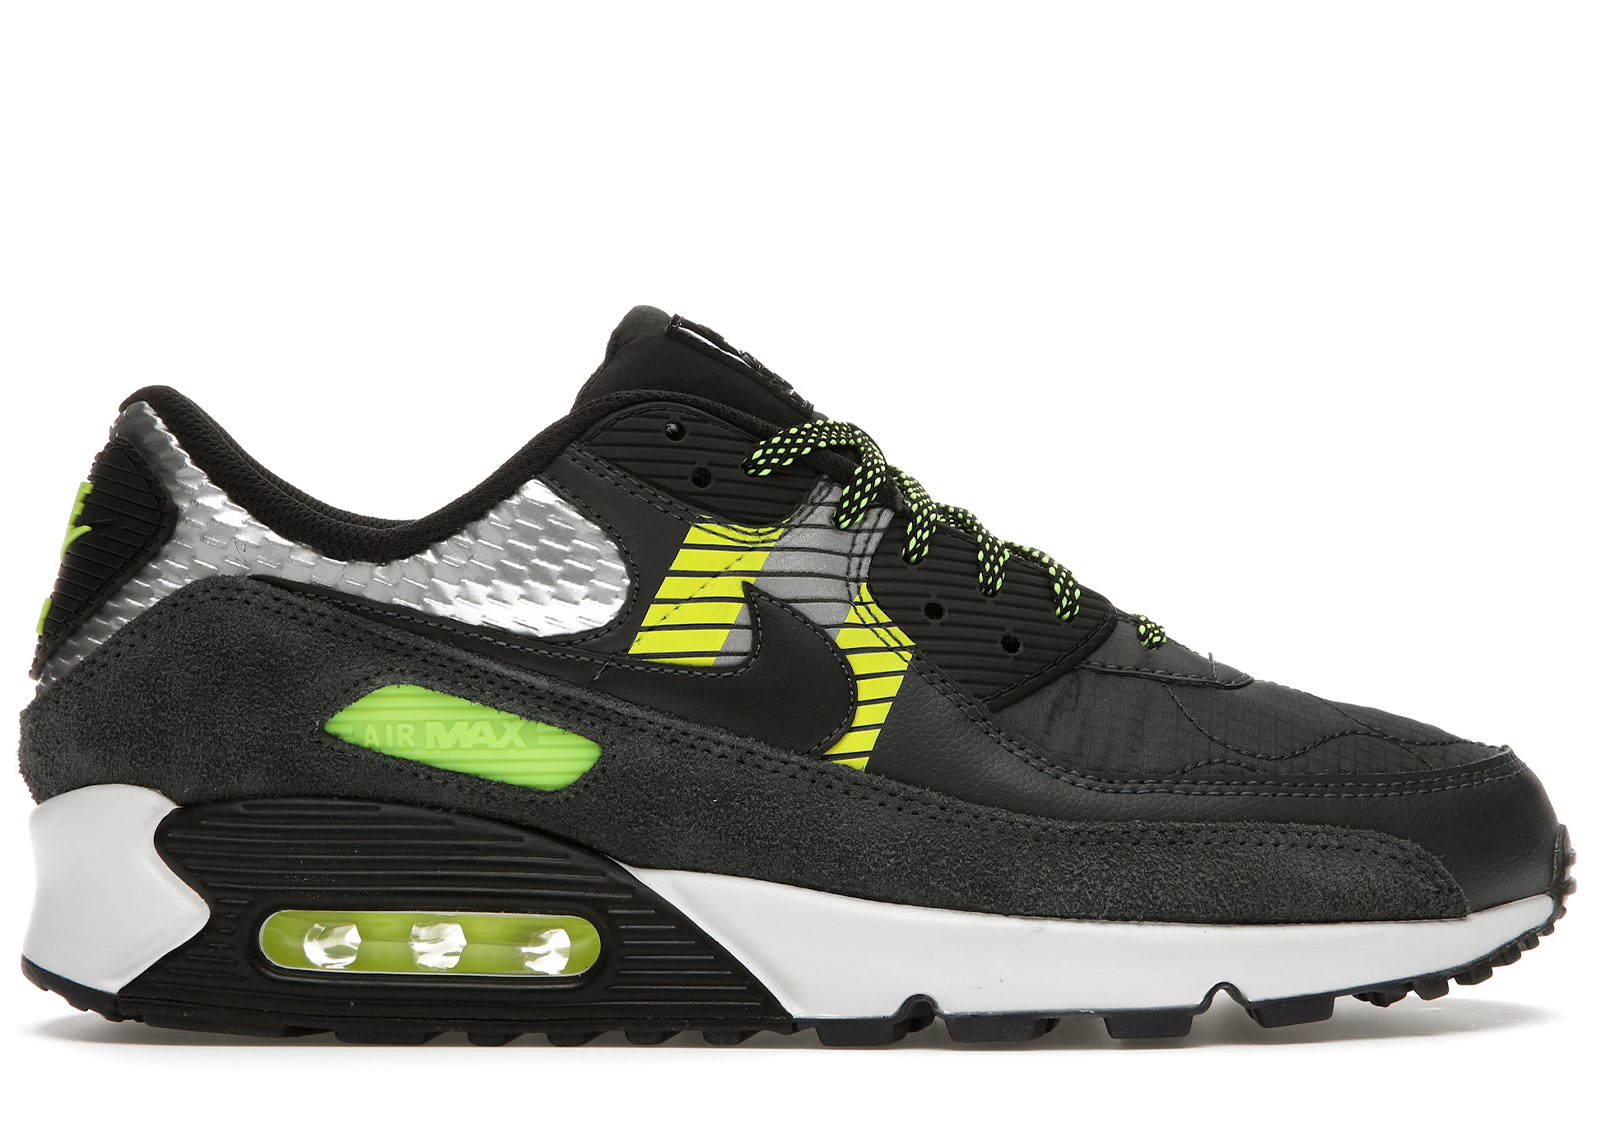 Nike Air Max 90 3M Pack